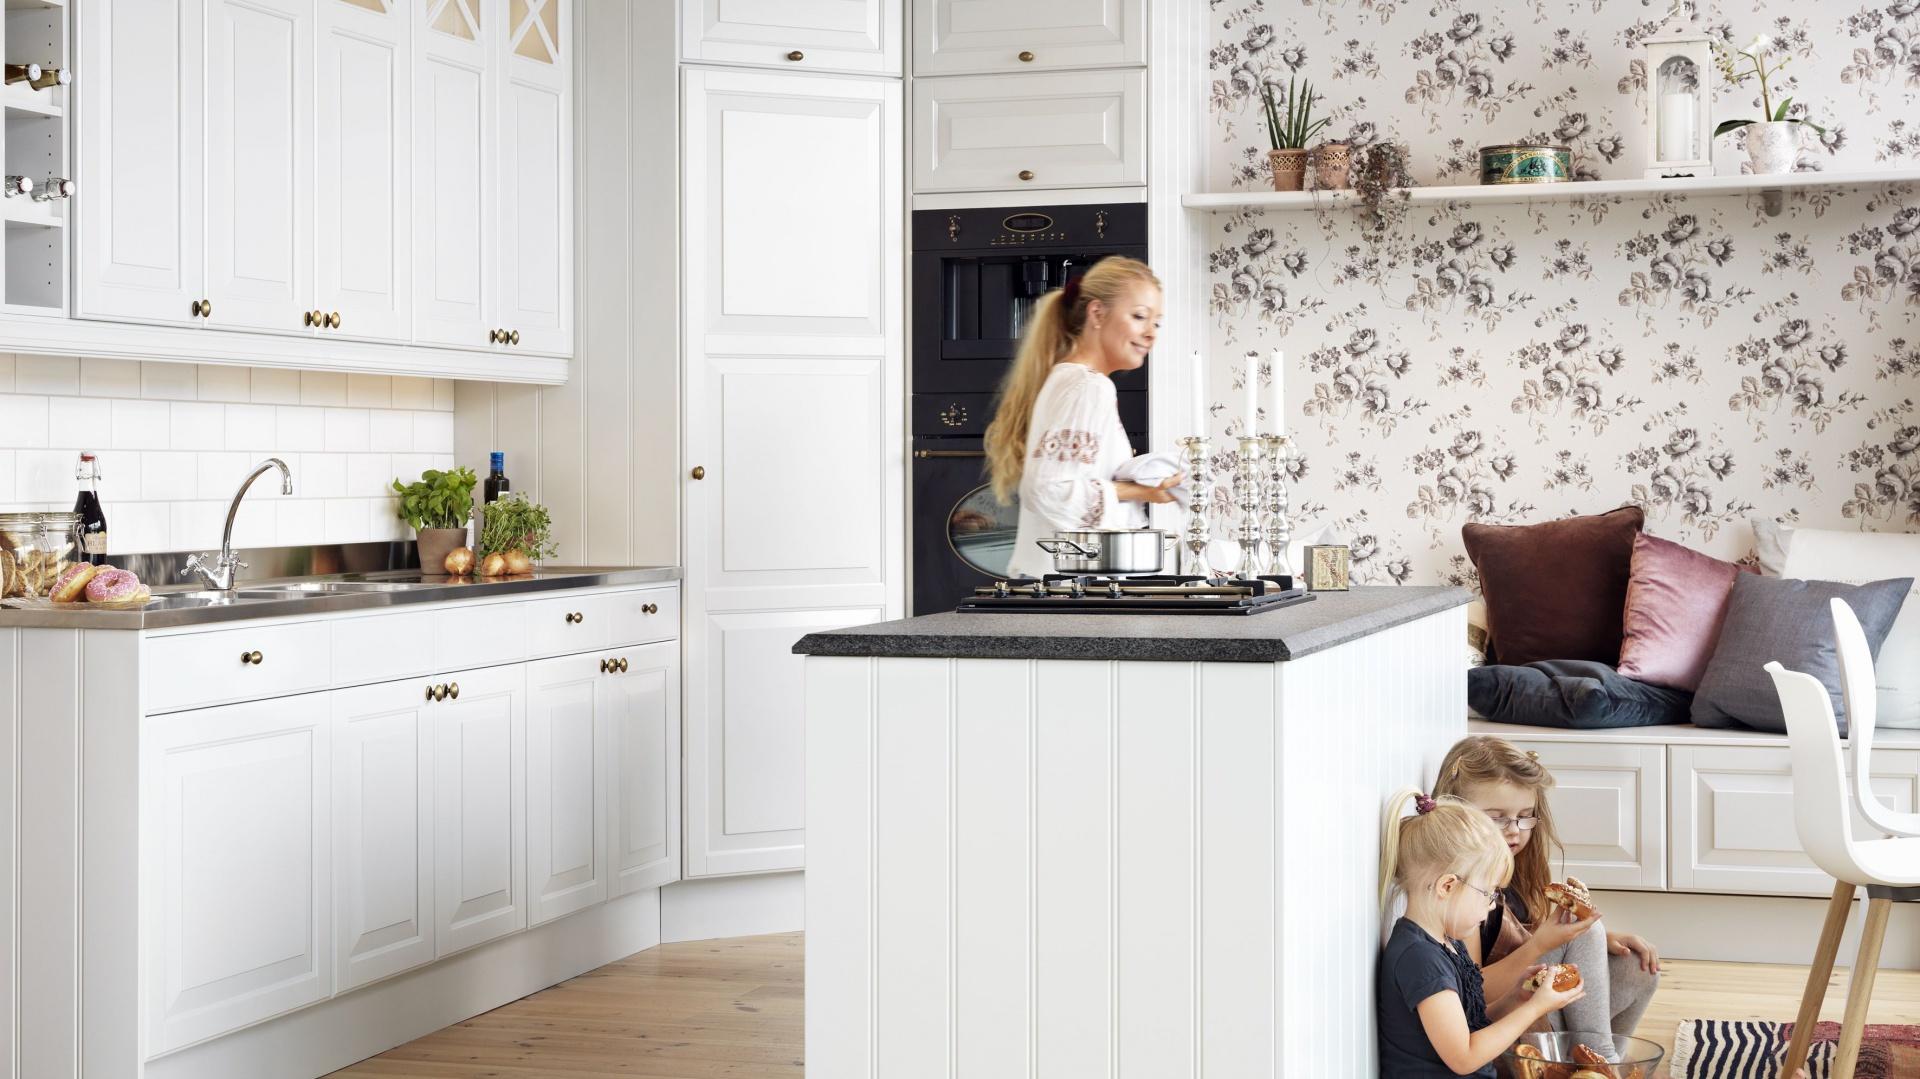 Kuchnia z wyspą sprzyja interakcji domowników. W tej klasycznej, przytulnej kuchni wyspa jest zdobiona pionowymi frezowaniami, wpisując się idealnie w rodzinną atmosferę pomieszczenia. Fot. Ballingslov.